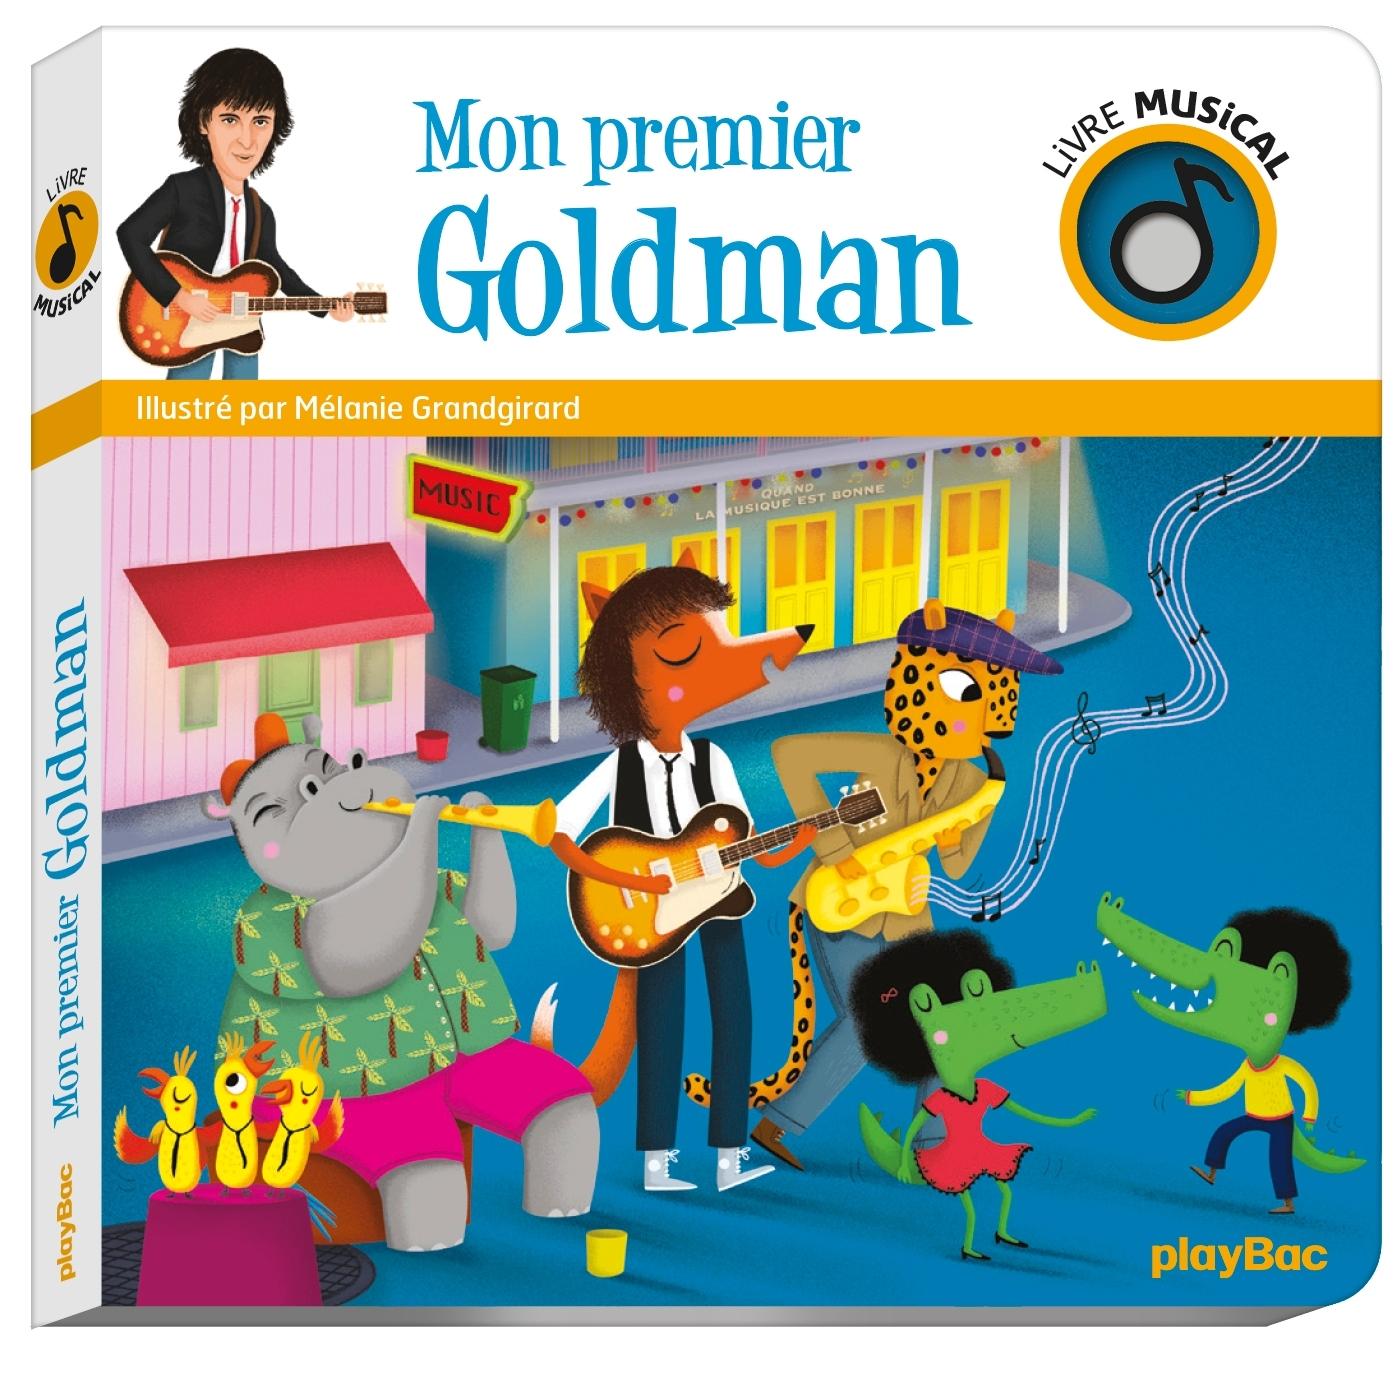 LIVRE MUSICAL - MON PREMIER GOLDMAN - AUDIO